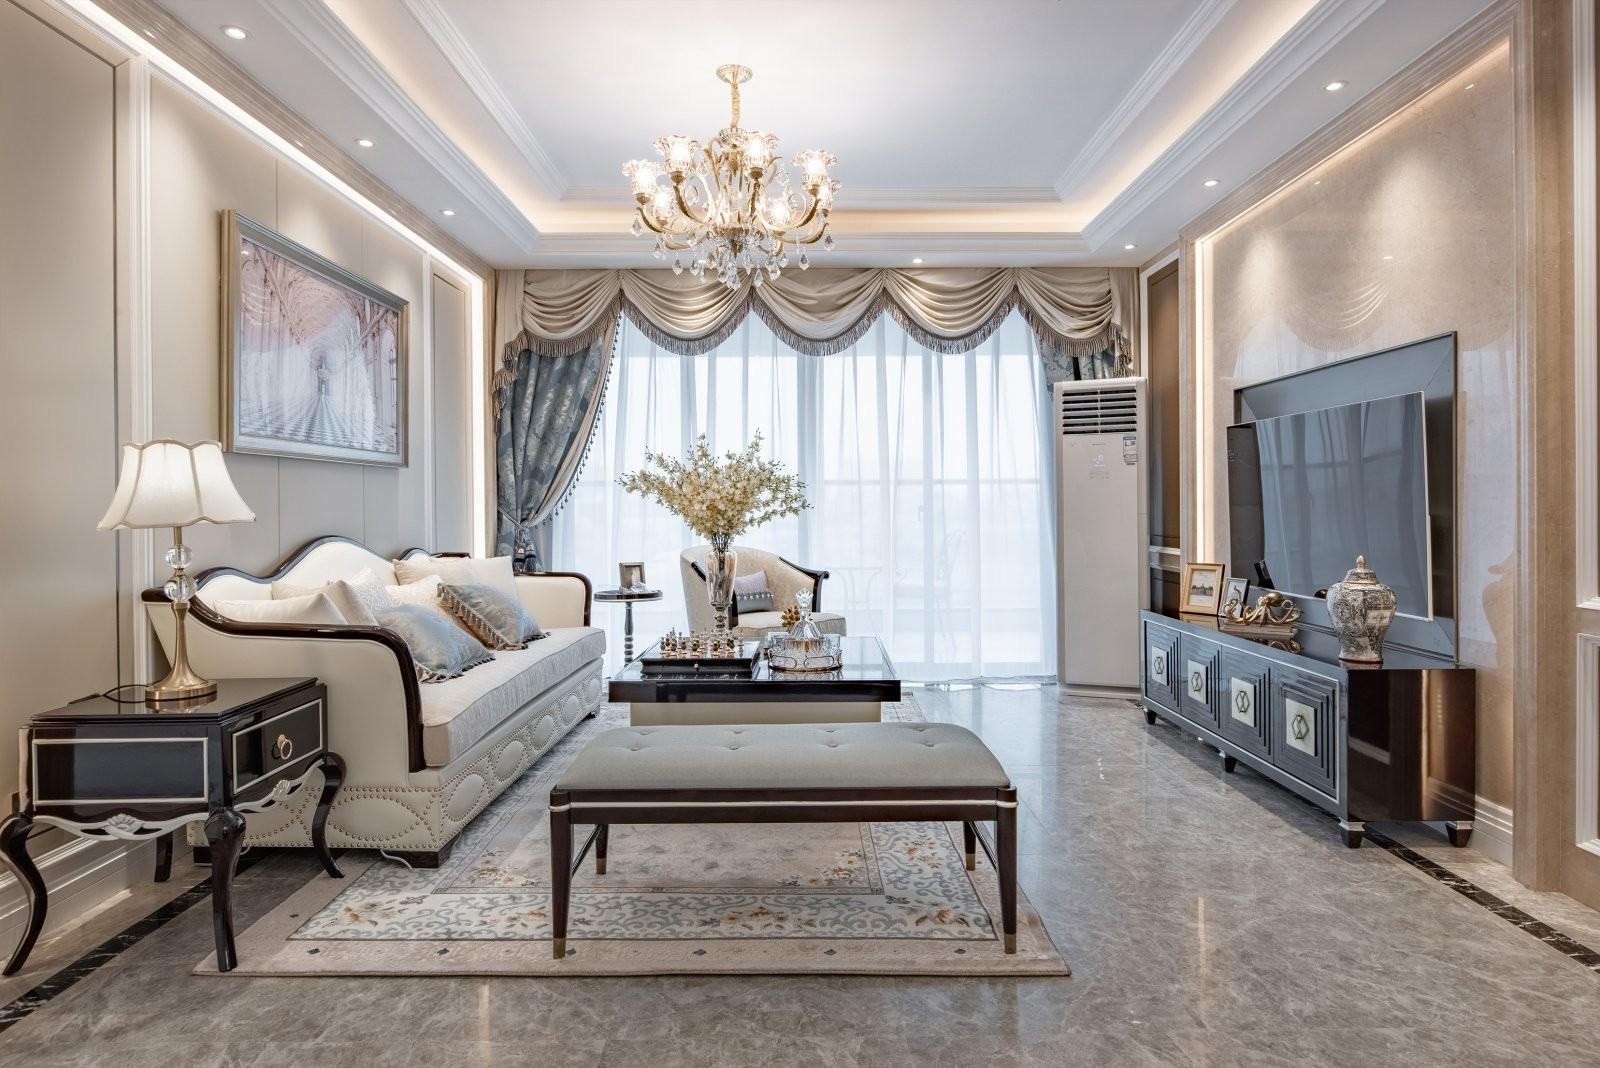 奢华欧式风格雅居四居室装修效果图